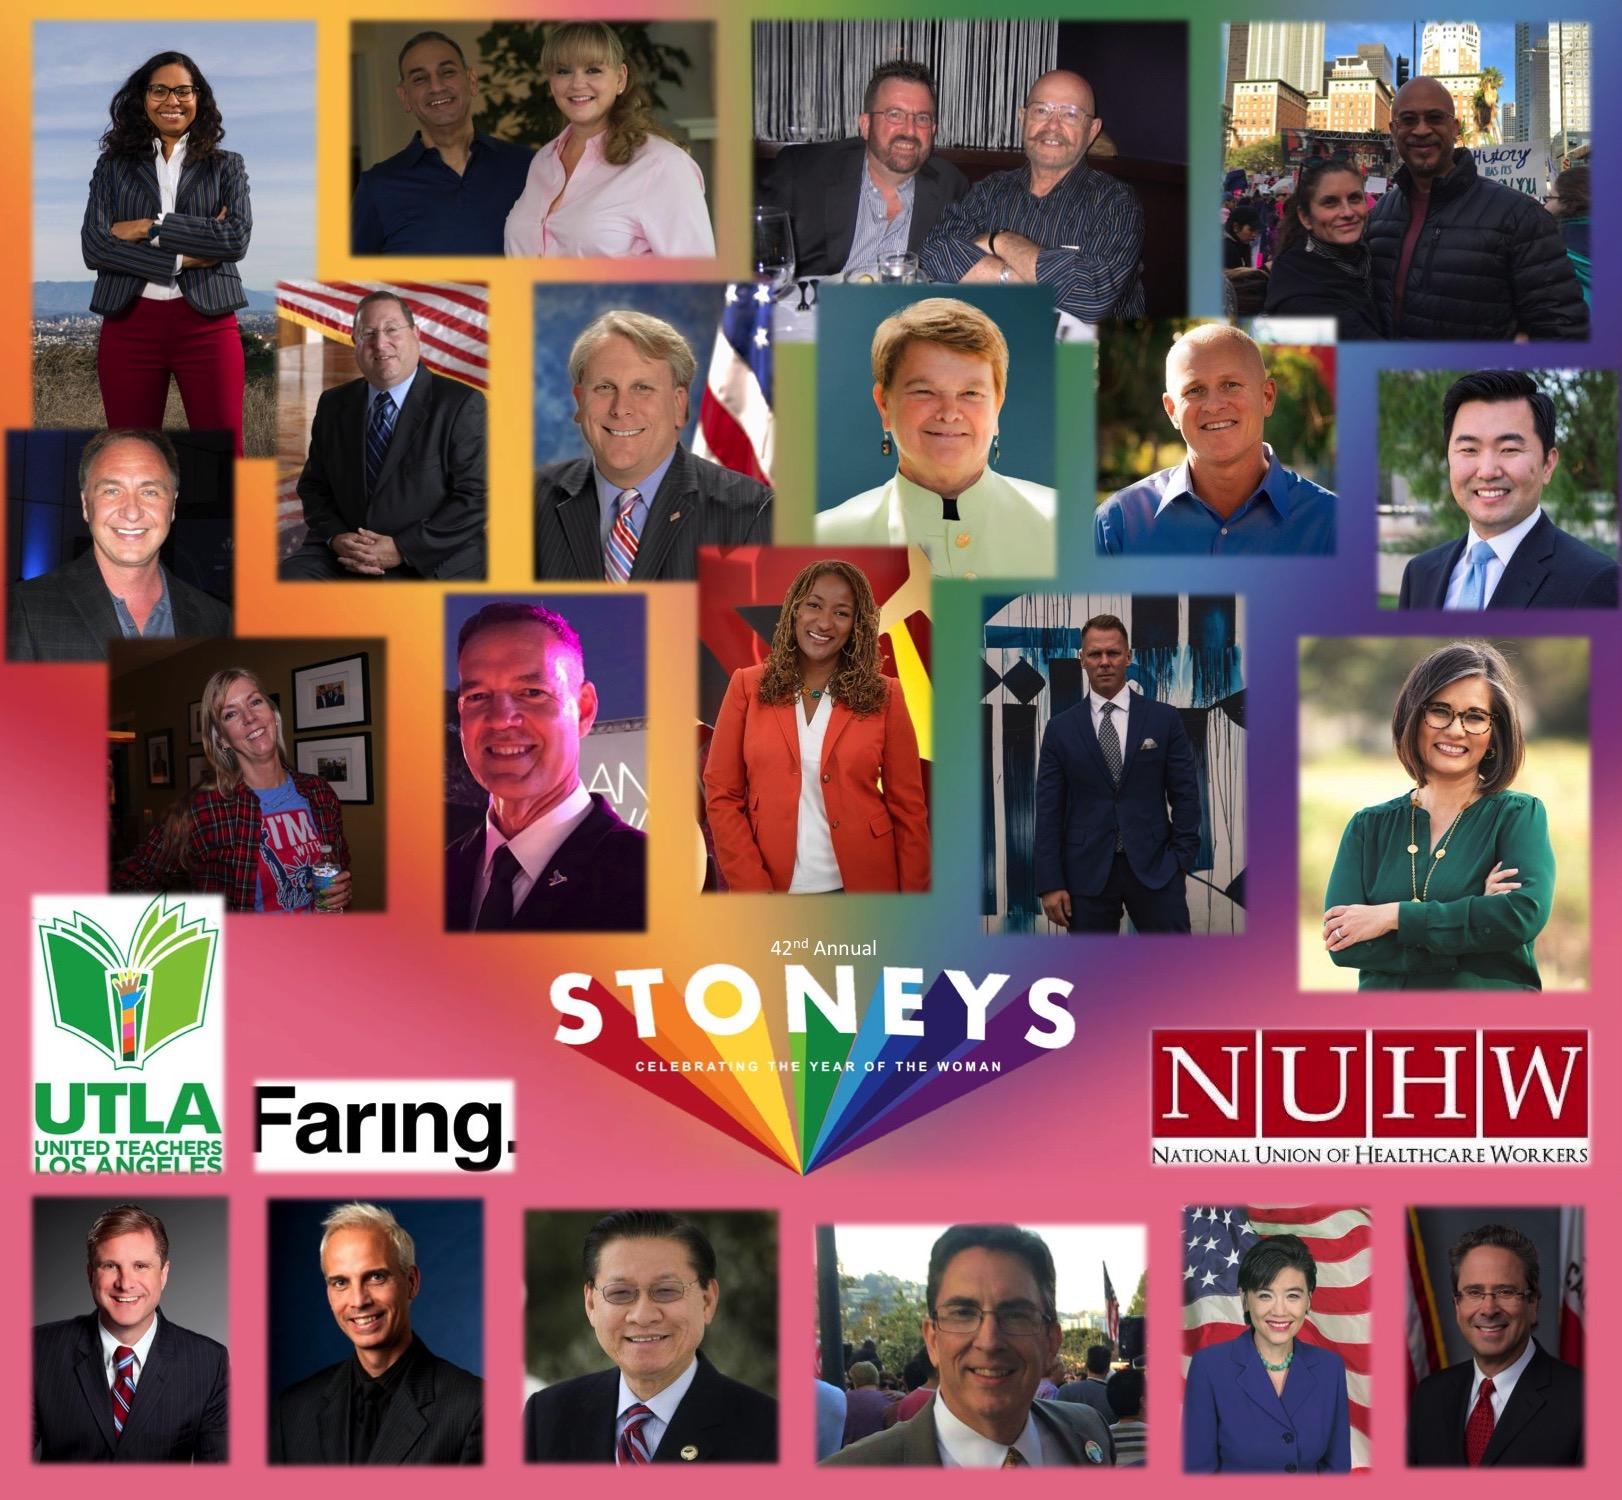 stoneys_sponsors.jpg